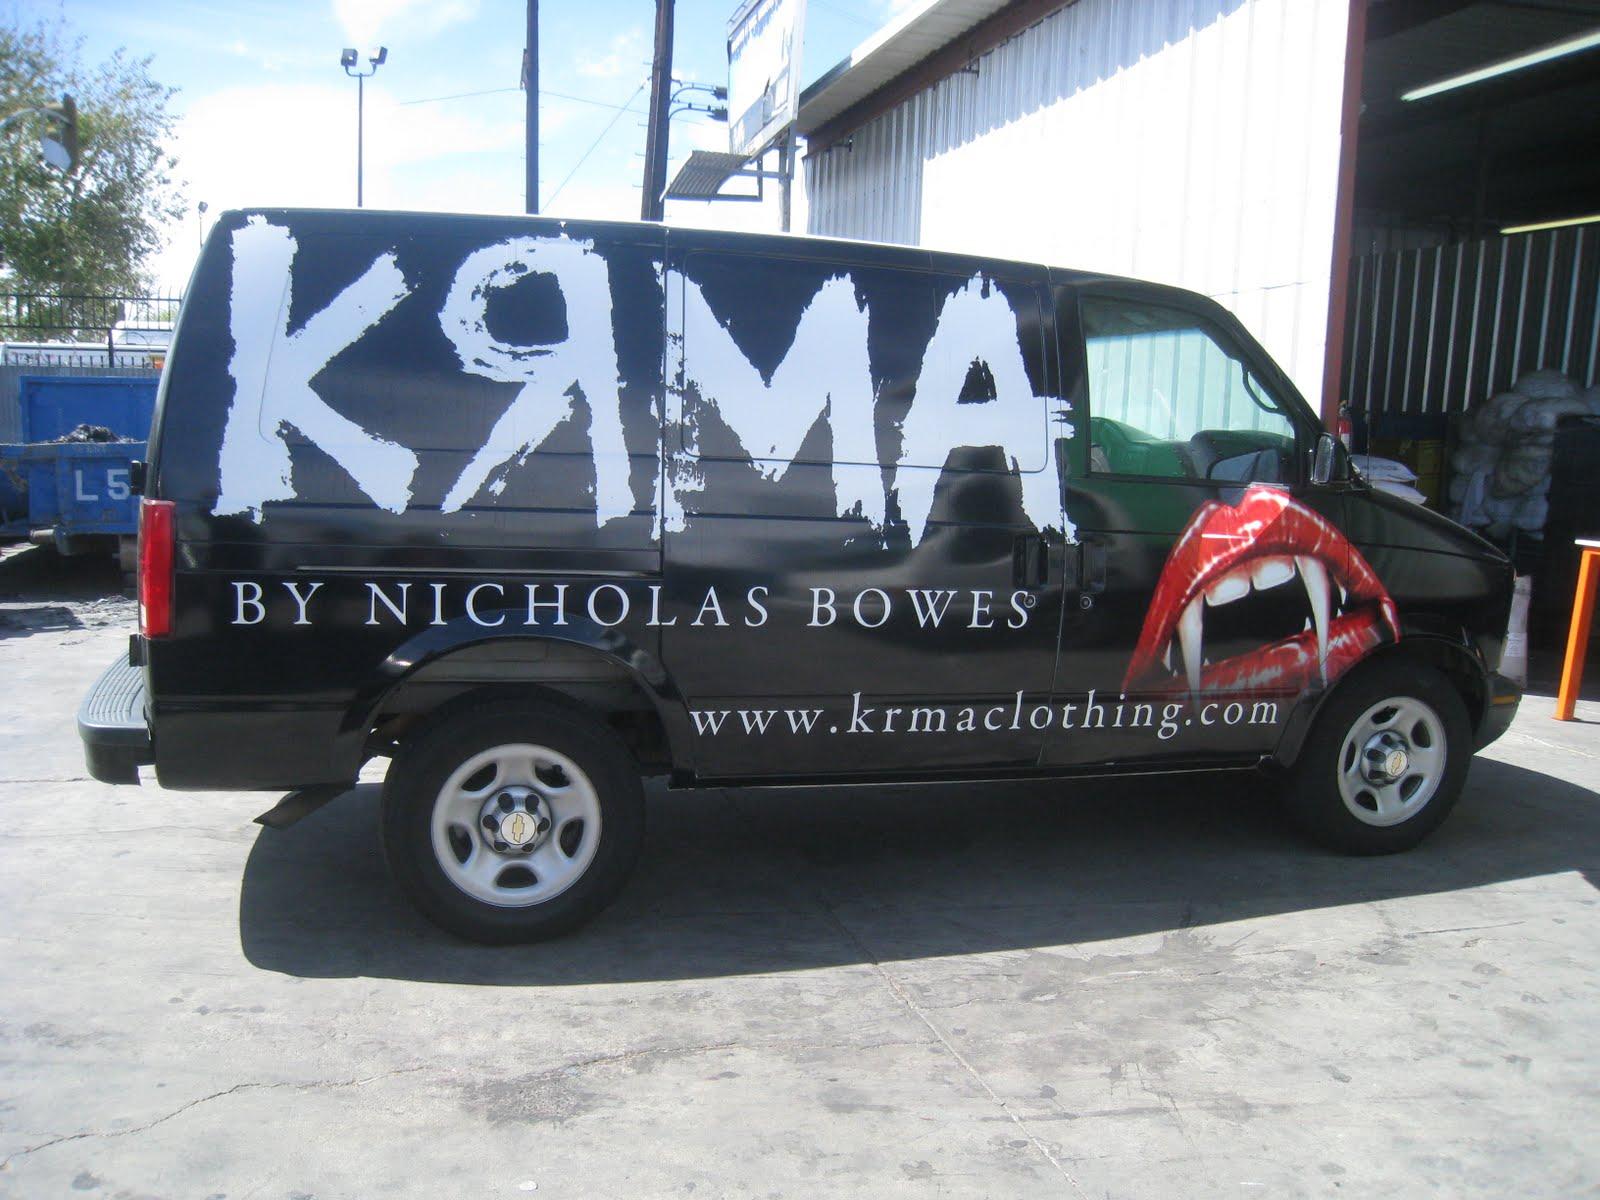 http://4.bp.blogspot.com/_EQXYbO9ByYQ/S_AtZJJVy4I/AAAAAAAAAK4/P8Hdf4UzN7w/s1600/krma-clothing-van-van-wraps.JPG